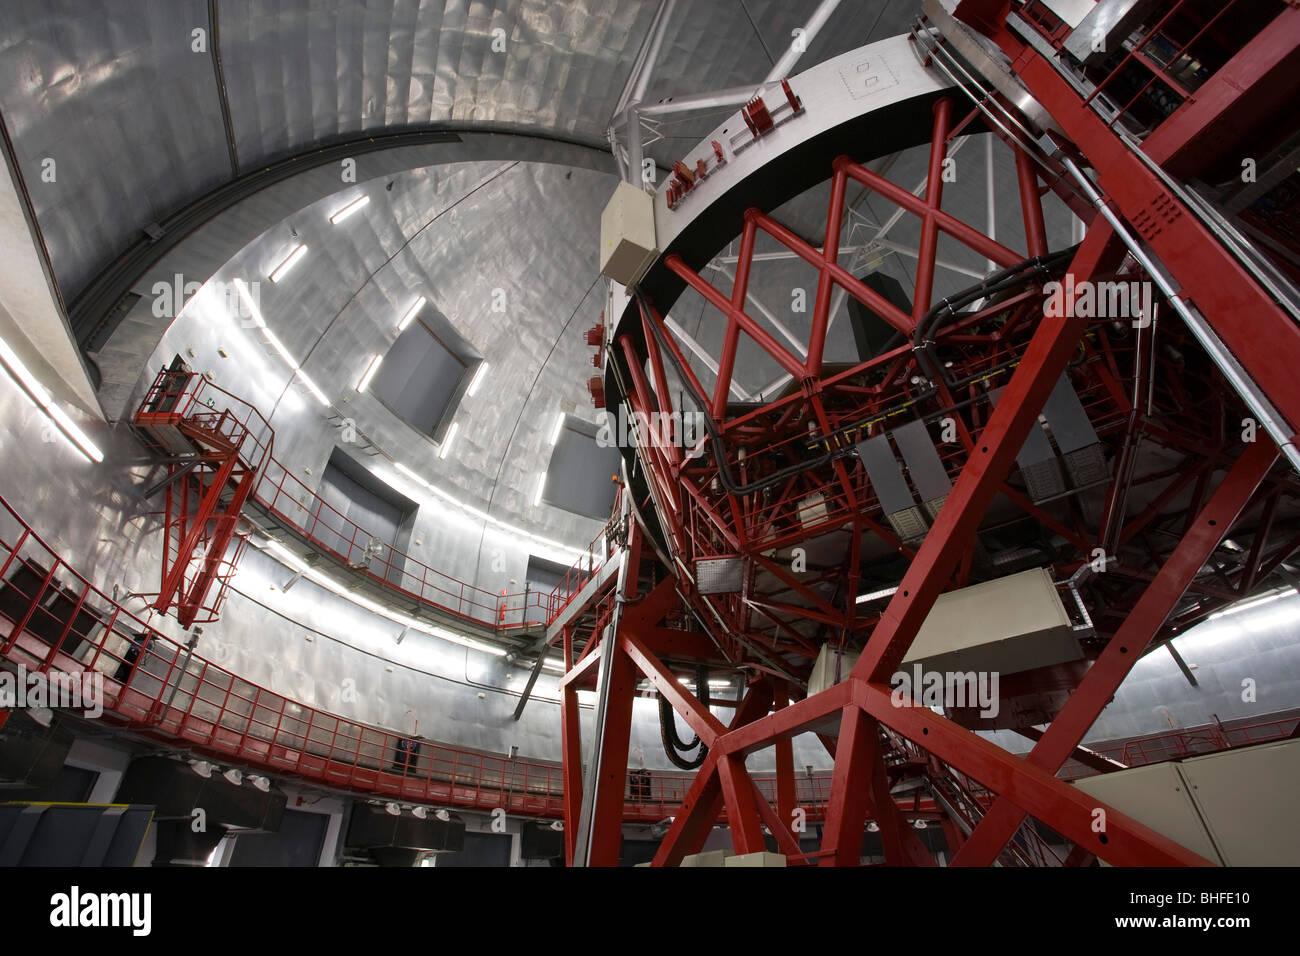 Gran Telescopio Canarias, GranTeCan, GTC, der weltweit größten Spiegel Teleskop, Observatorio Astrofisico, Stockbild